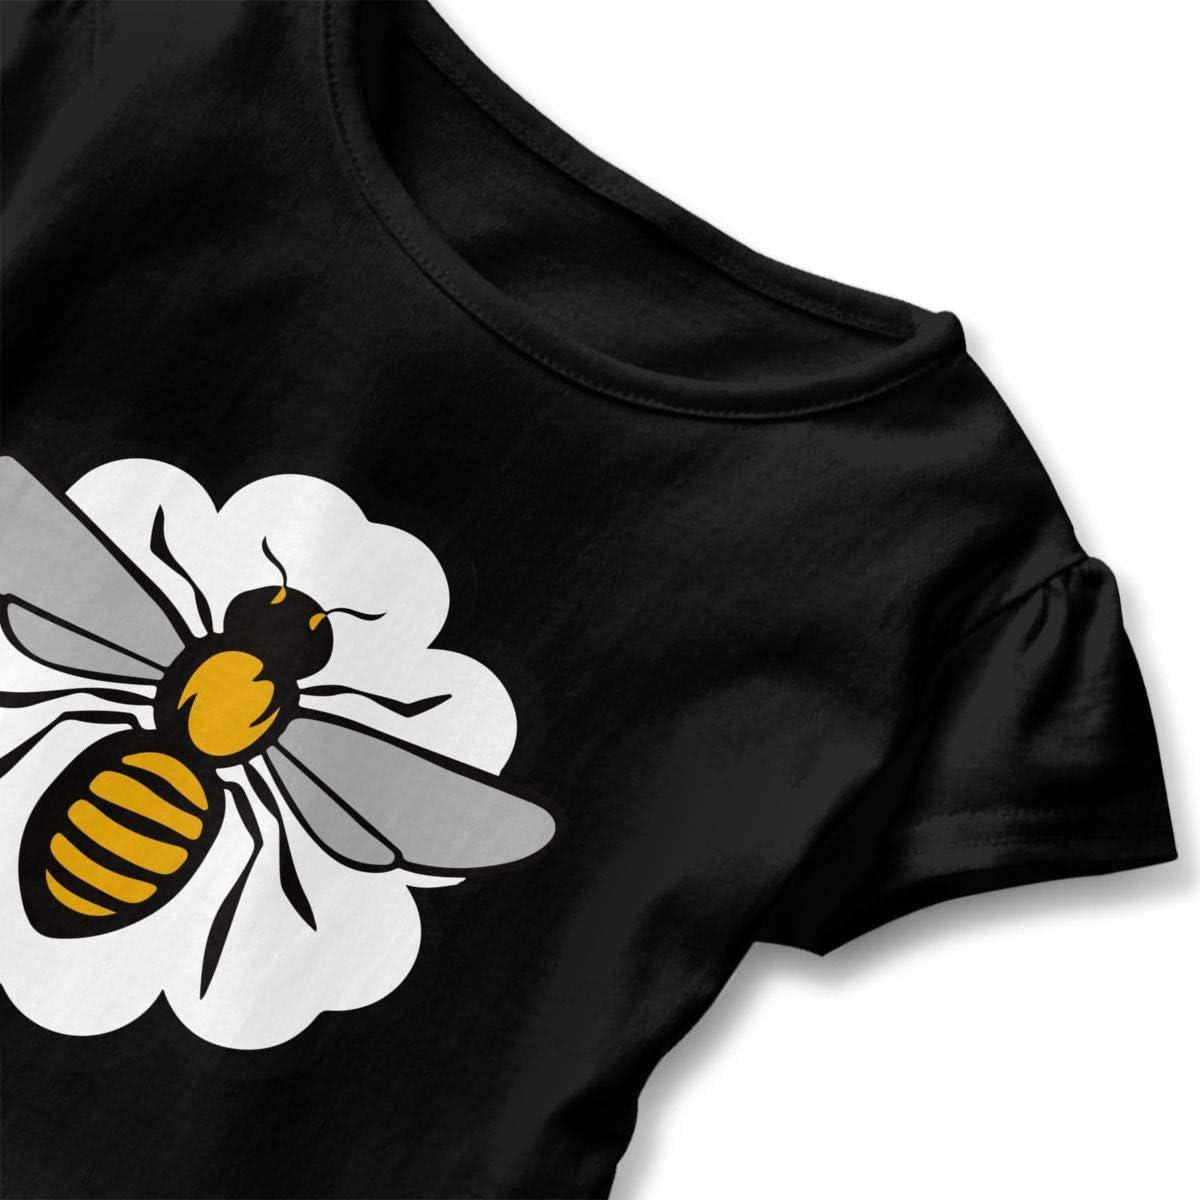 26NSHIRT Honeybee Kids Baby Girls Short Sleeve Peplum Tee